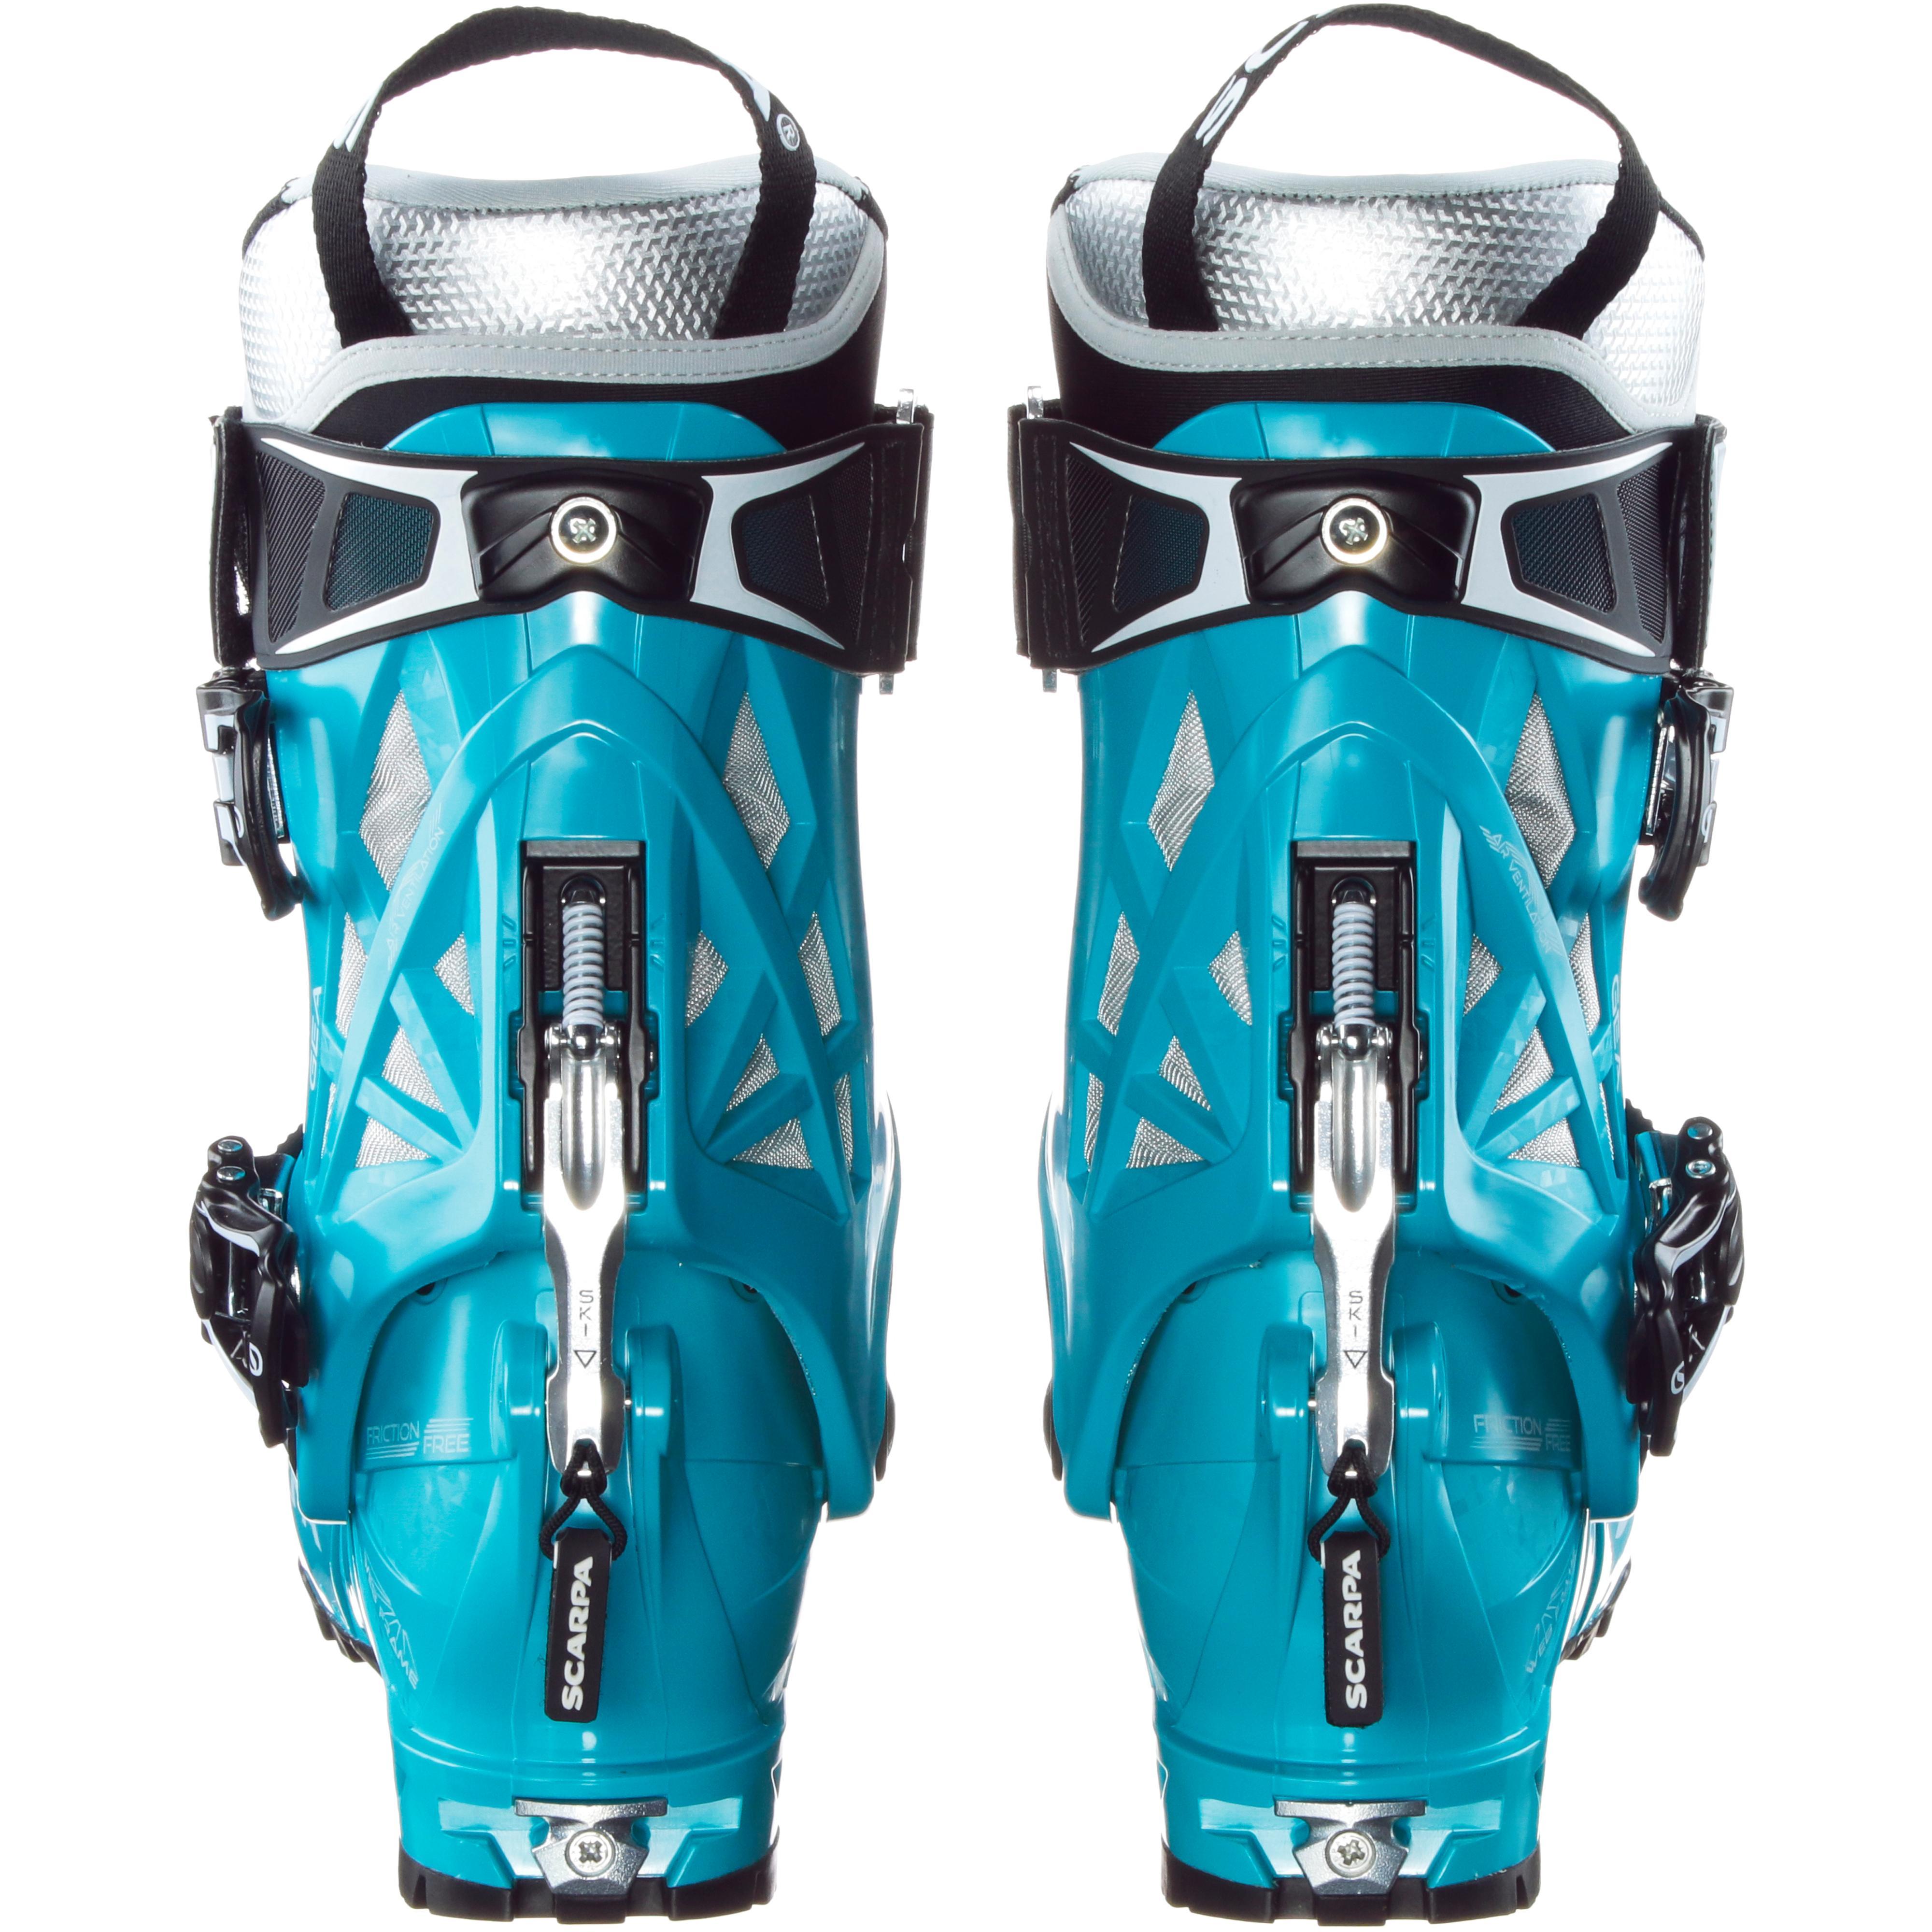 Scarpa Gea Tourenskischuhe Damen scuba Blau Blau Blau im Online Shop von SportScheck kaufen Gute Qualität beliebte Schuhe 1144b7